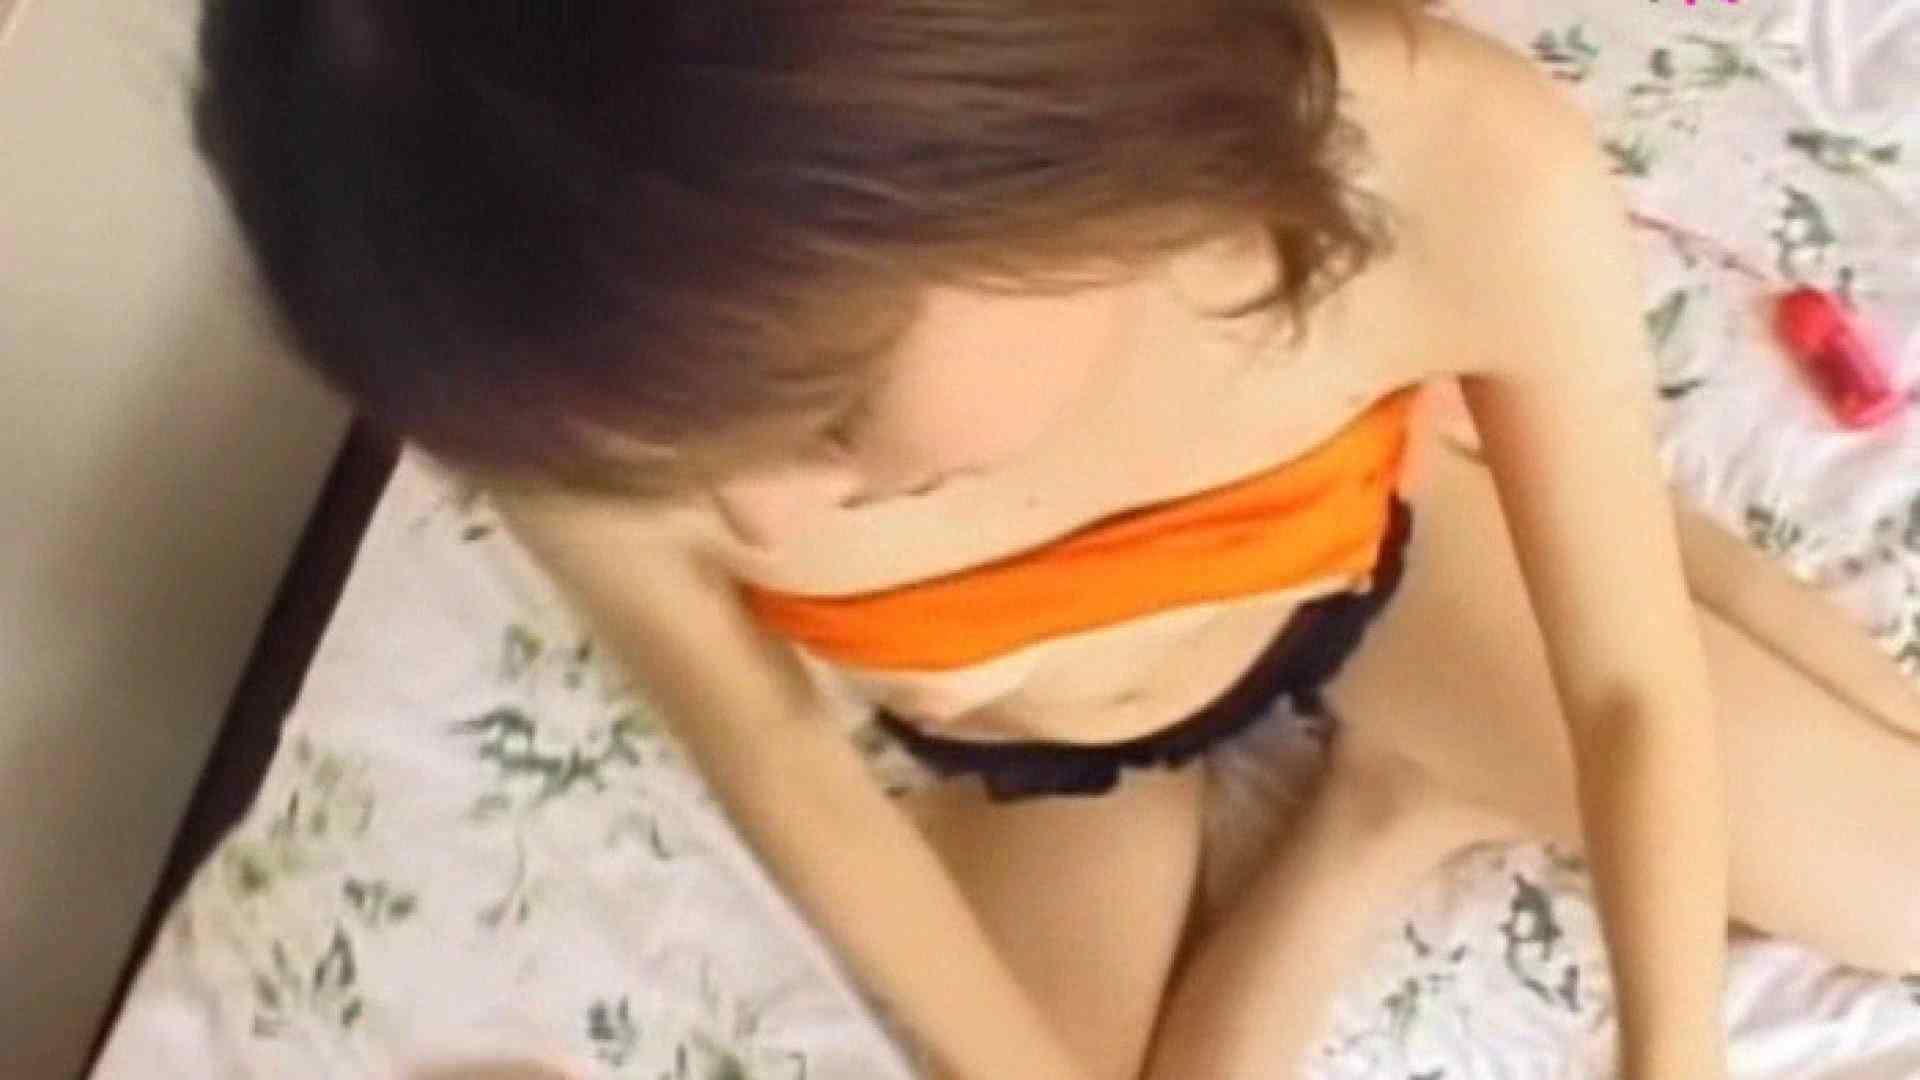 おしえてギャル子のH塾 Vol.14 前編 ギャル   細身スレンダーガール  80pic 41